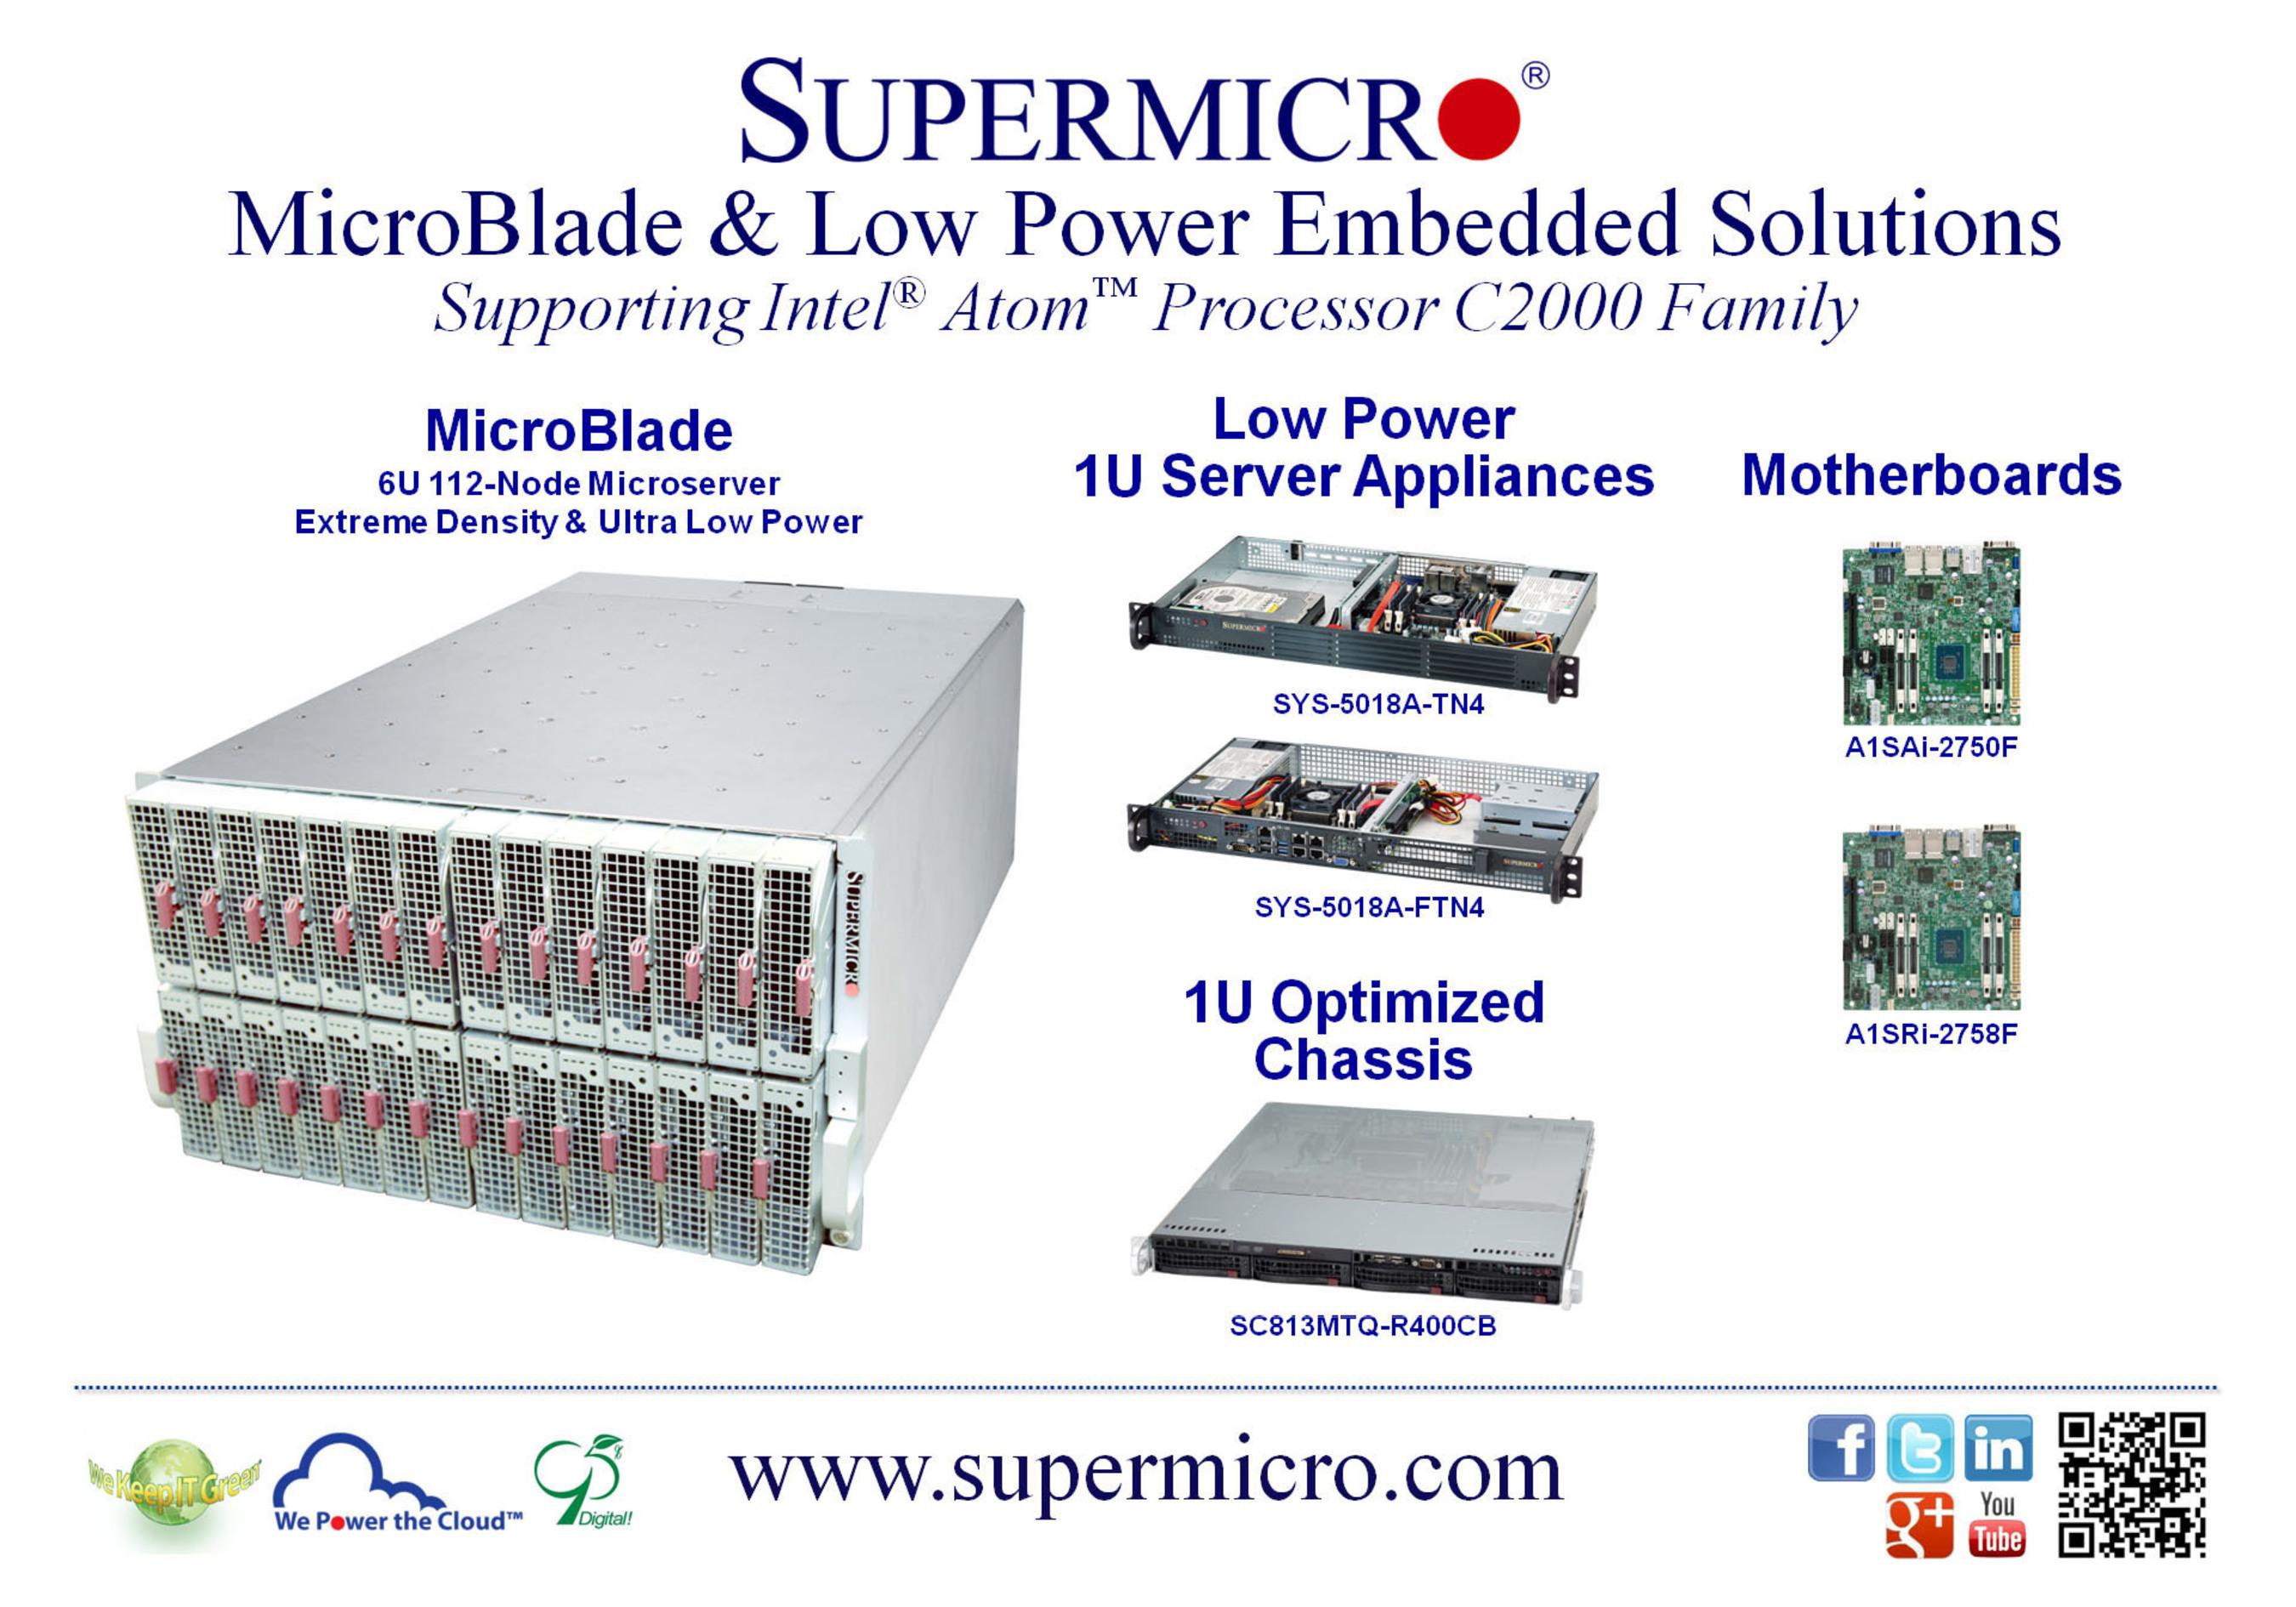 Supermicro® debutta con un server MicroBlade 6U 112 nodi con processore Intel® Atom™ C2000